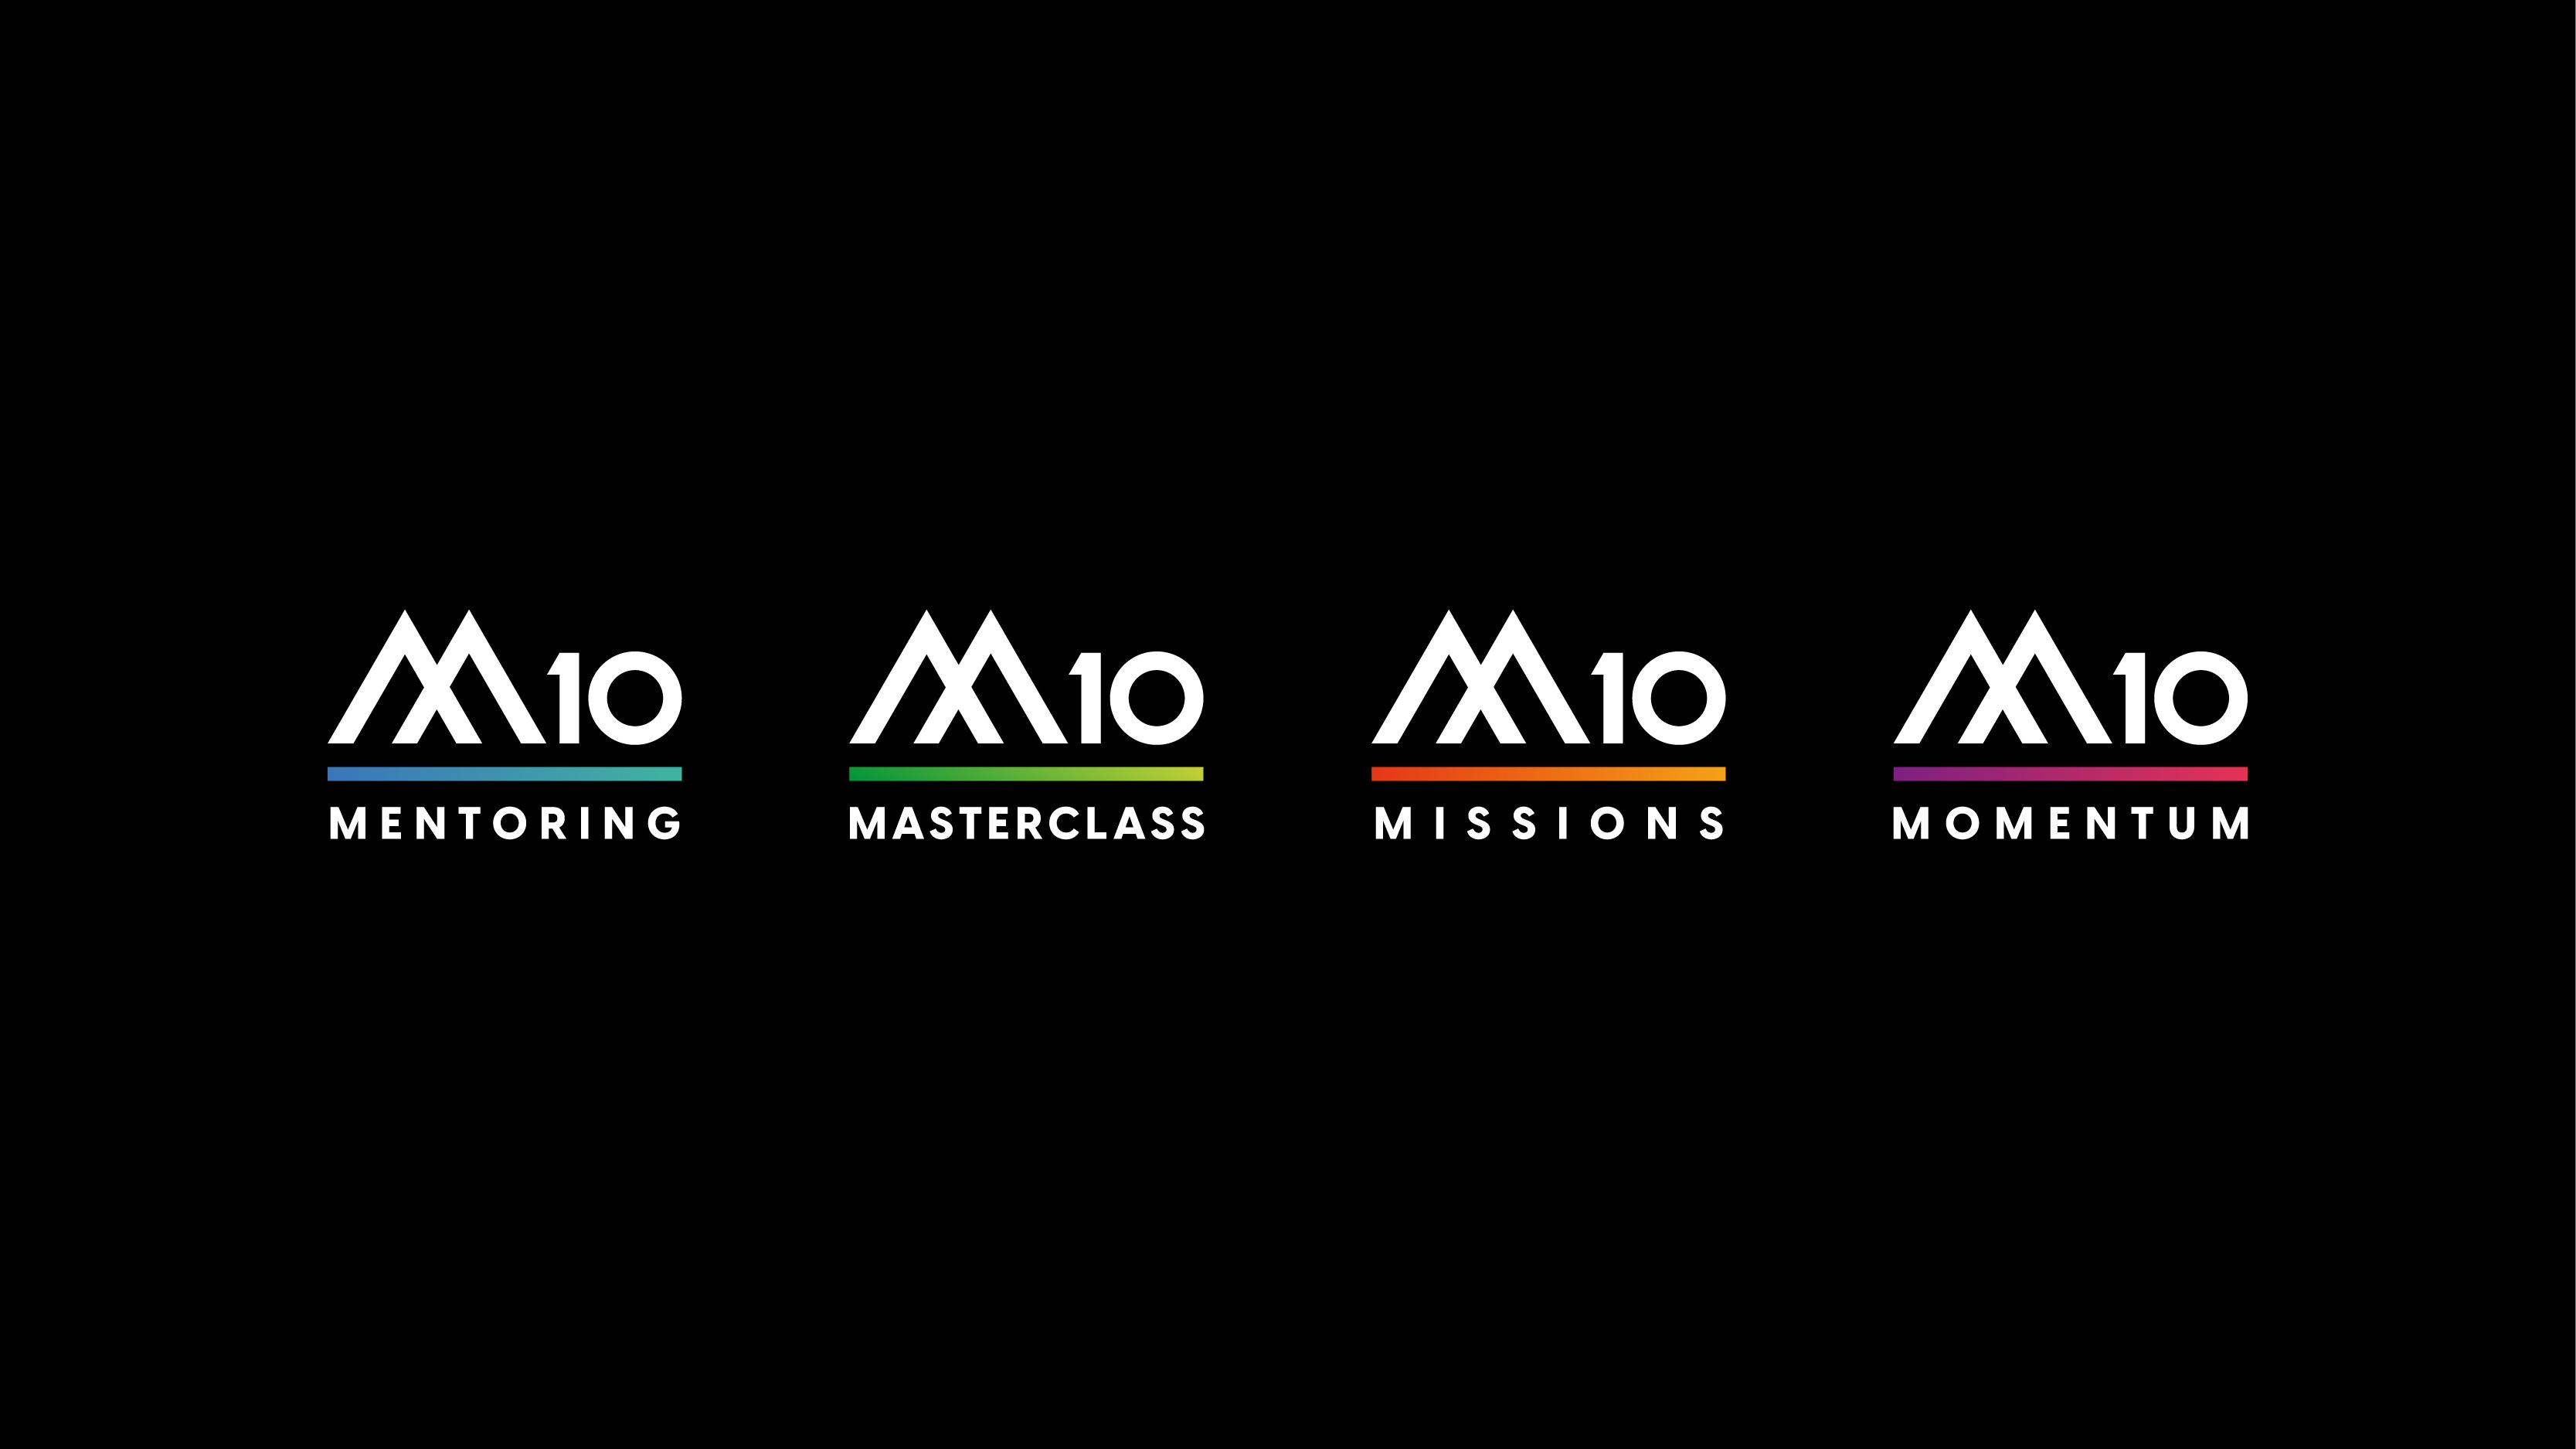 M10 Sub brands